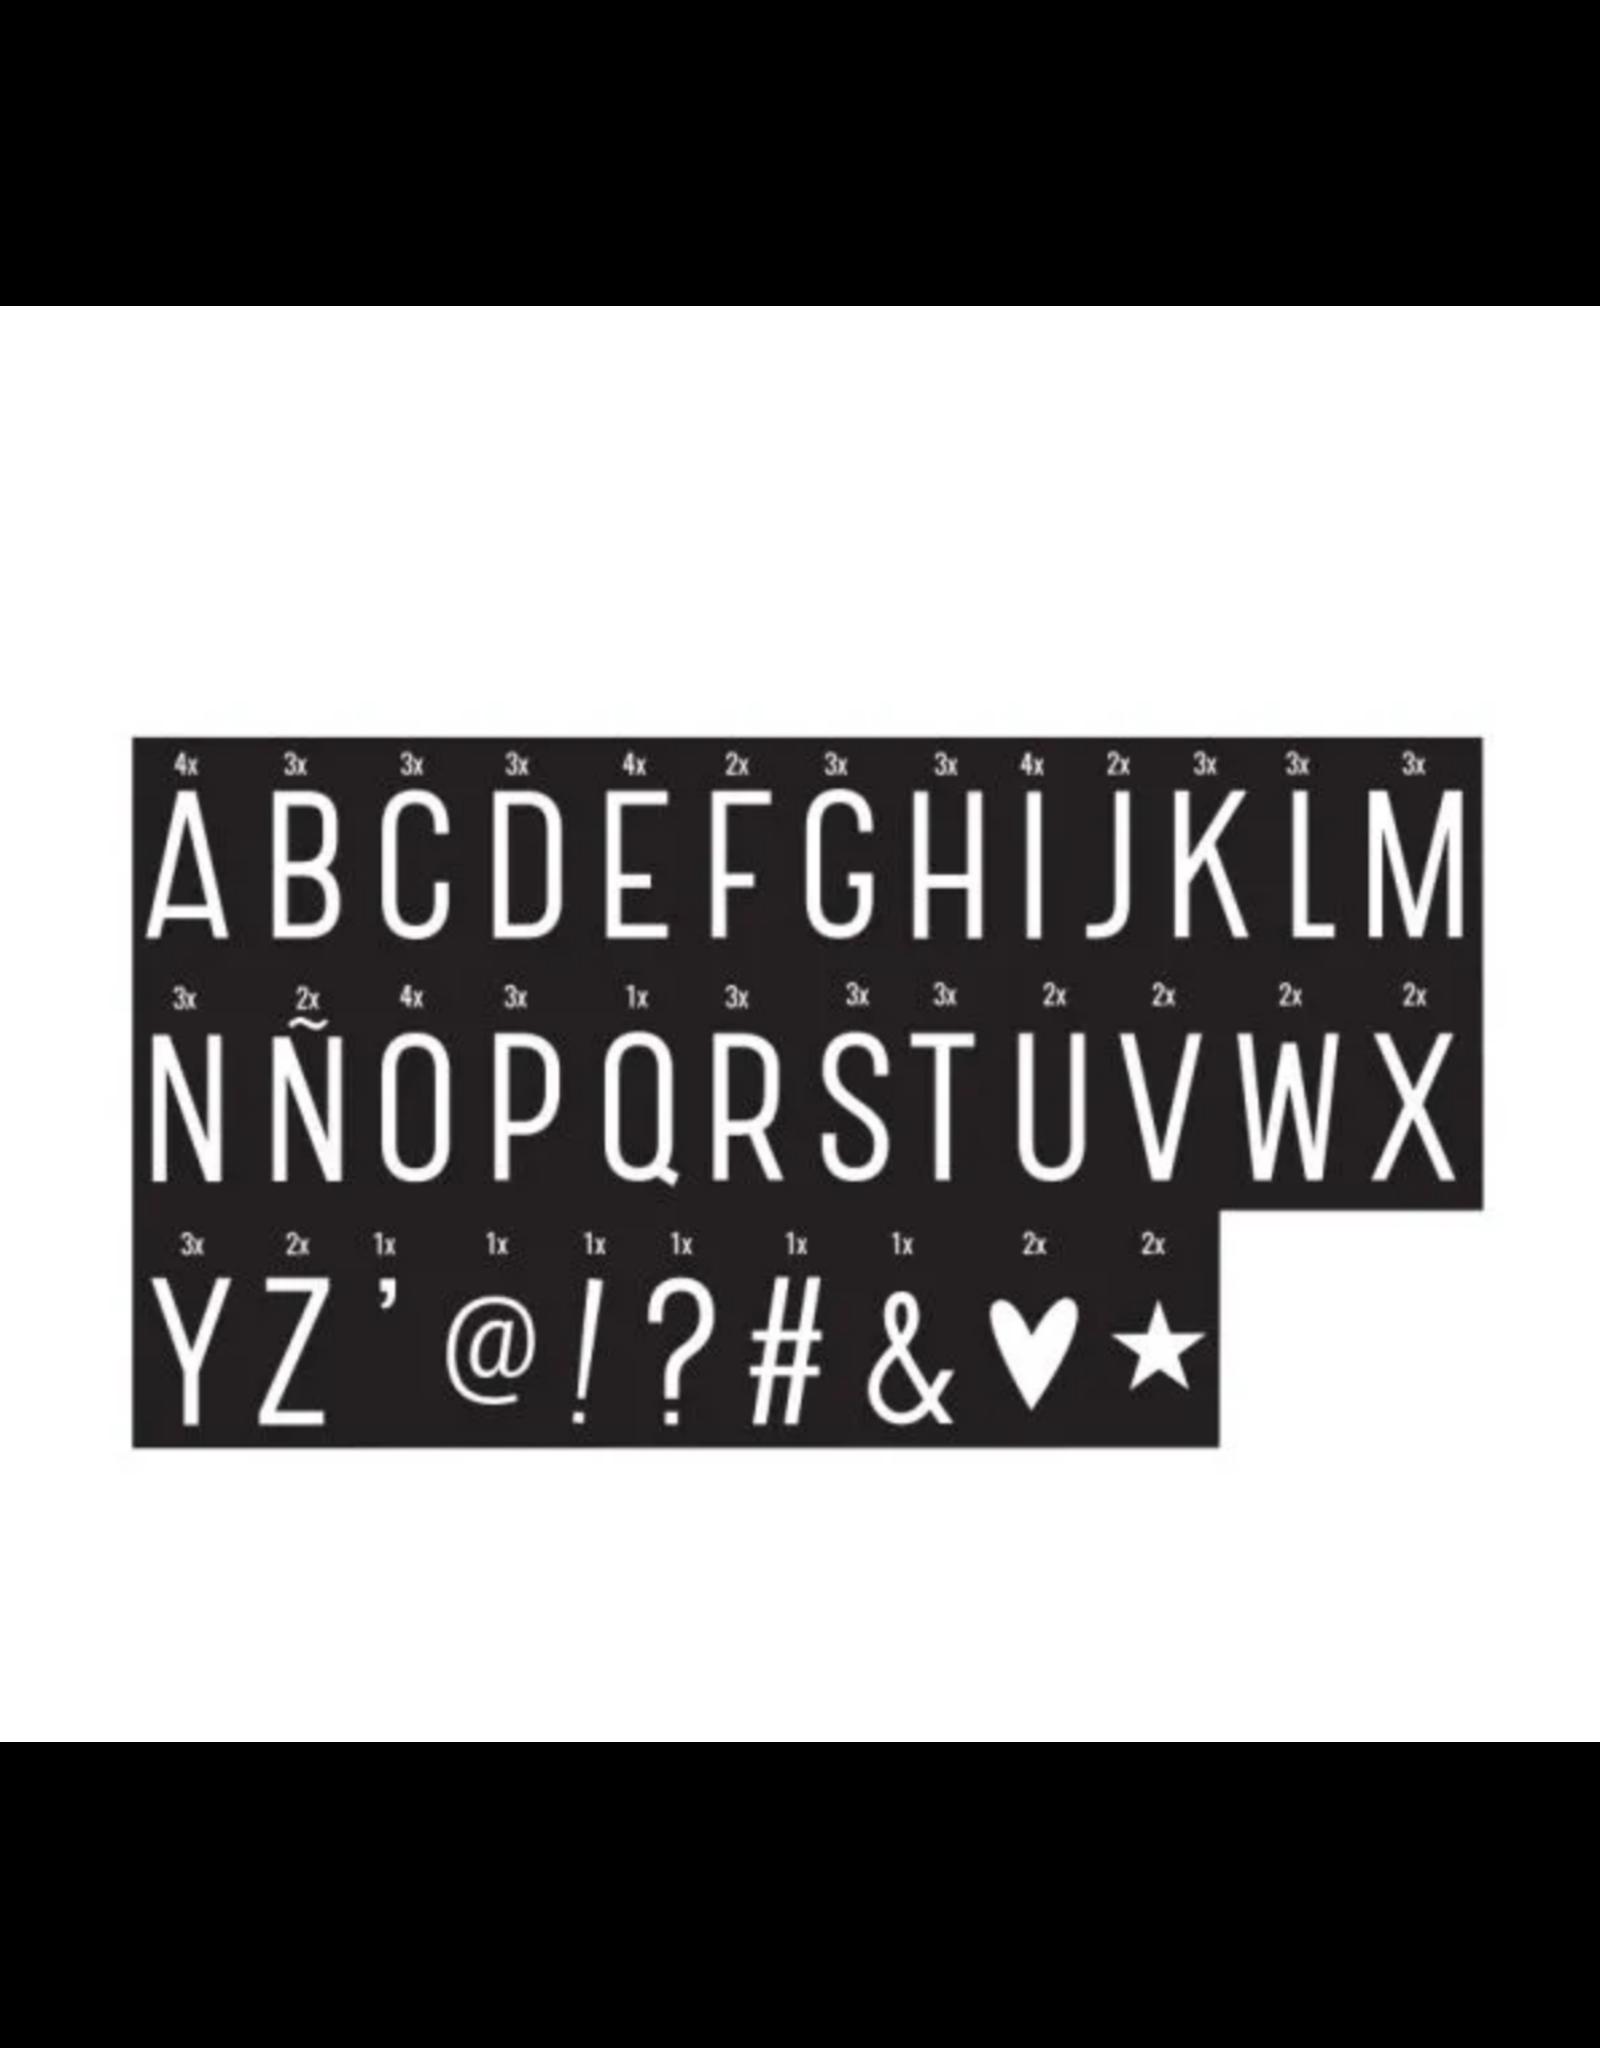 Letterset lightbox monochrome